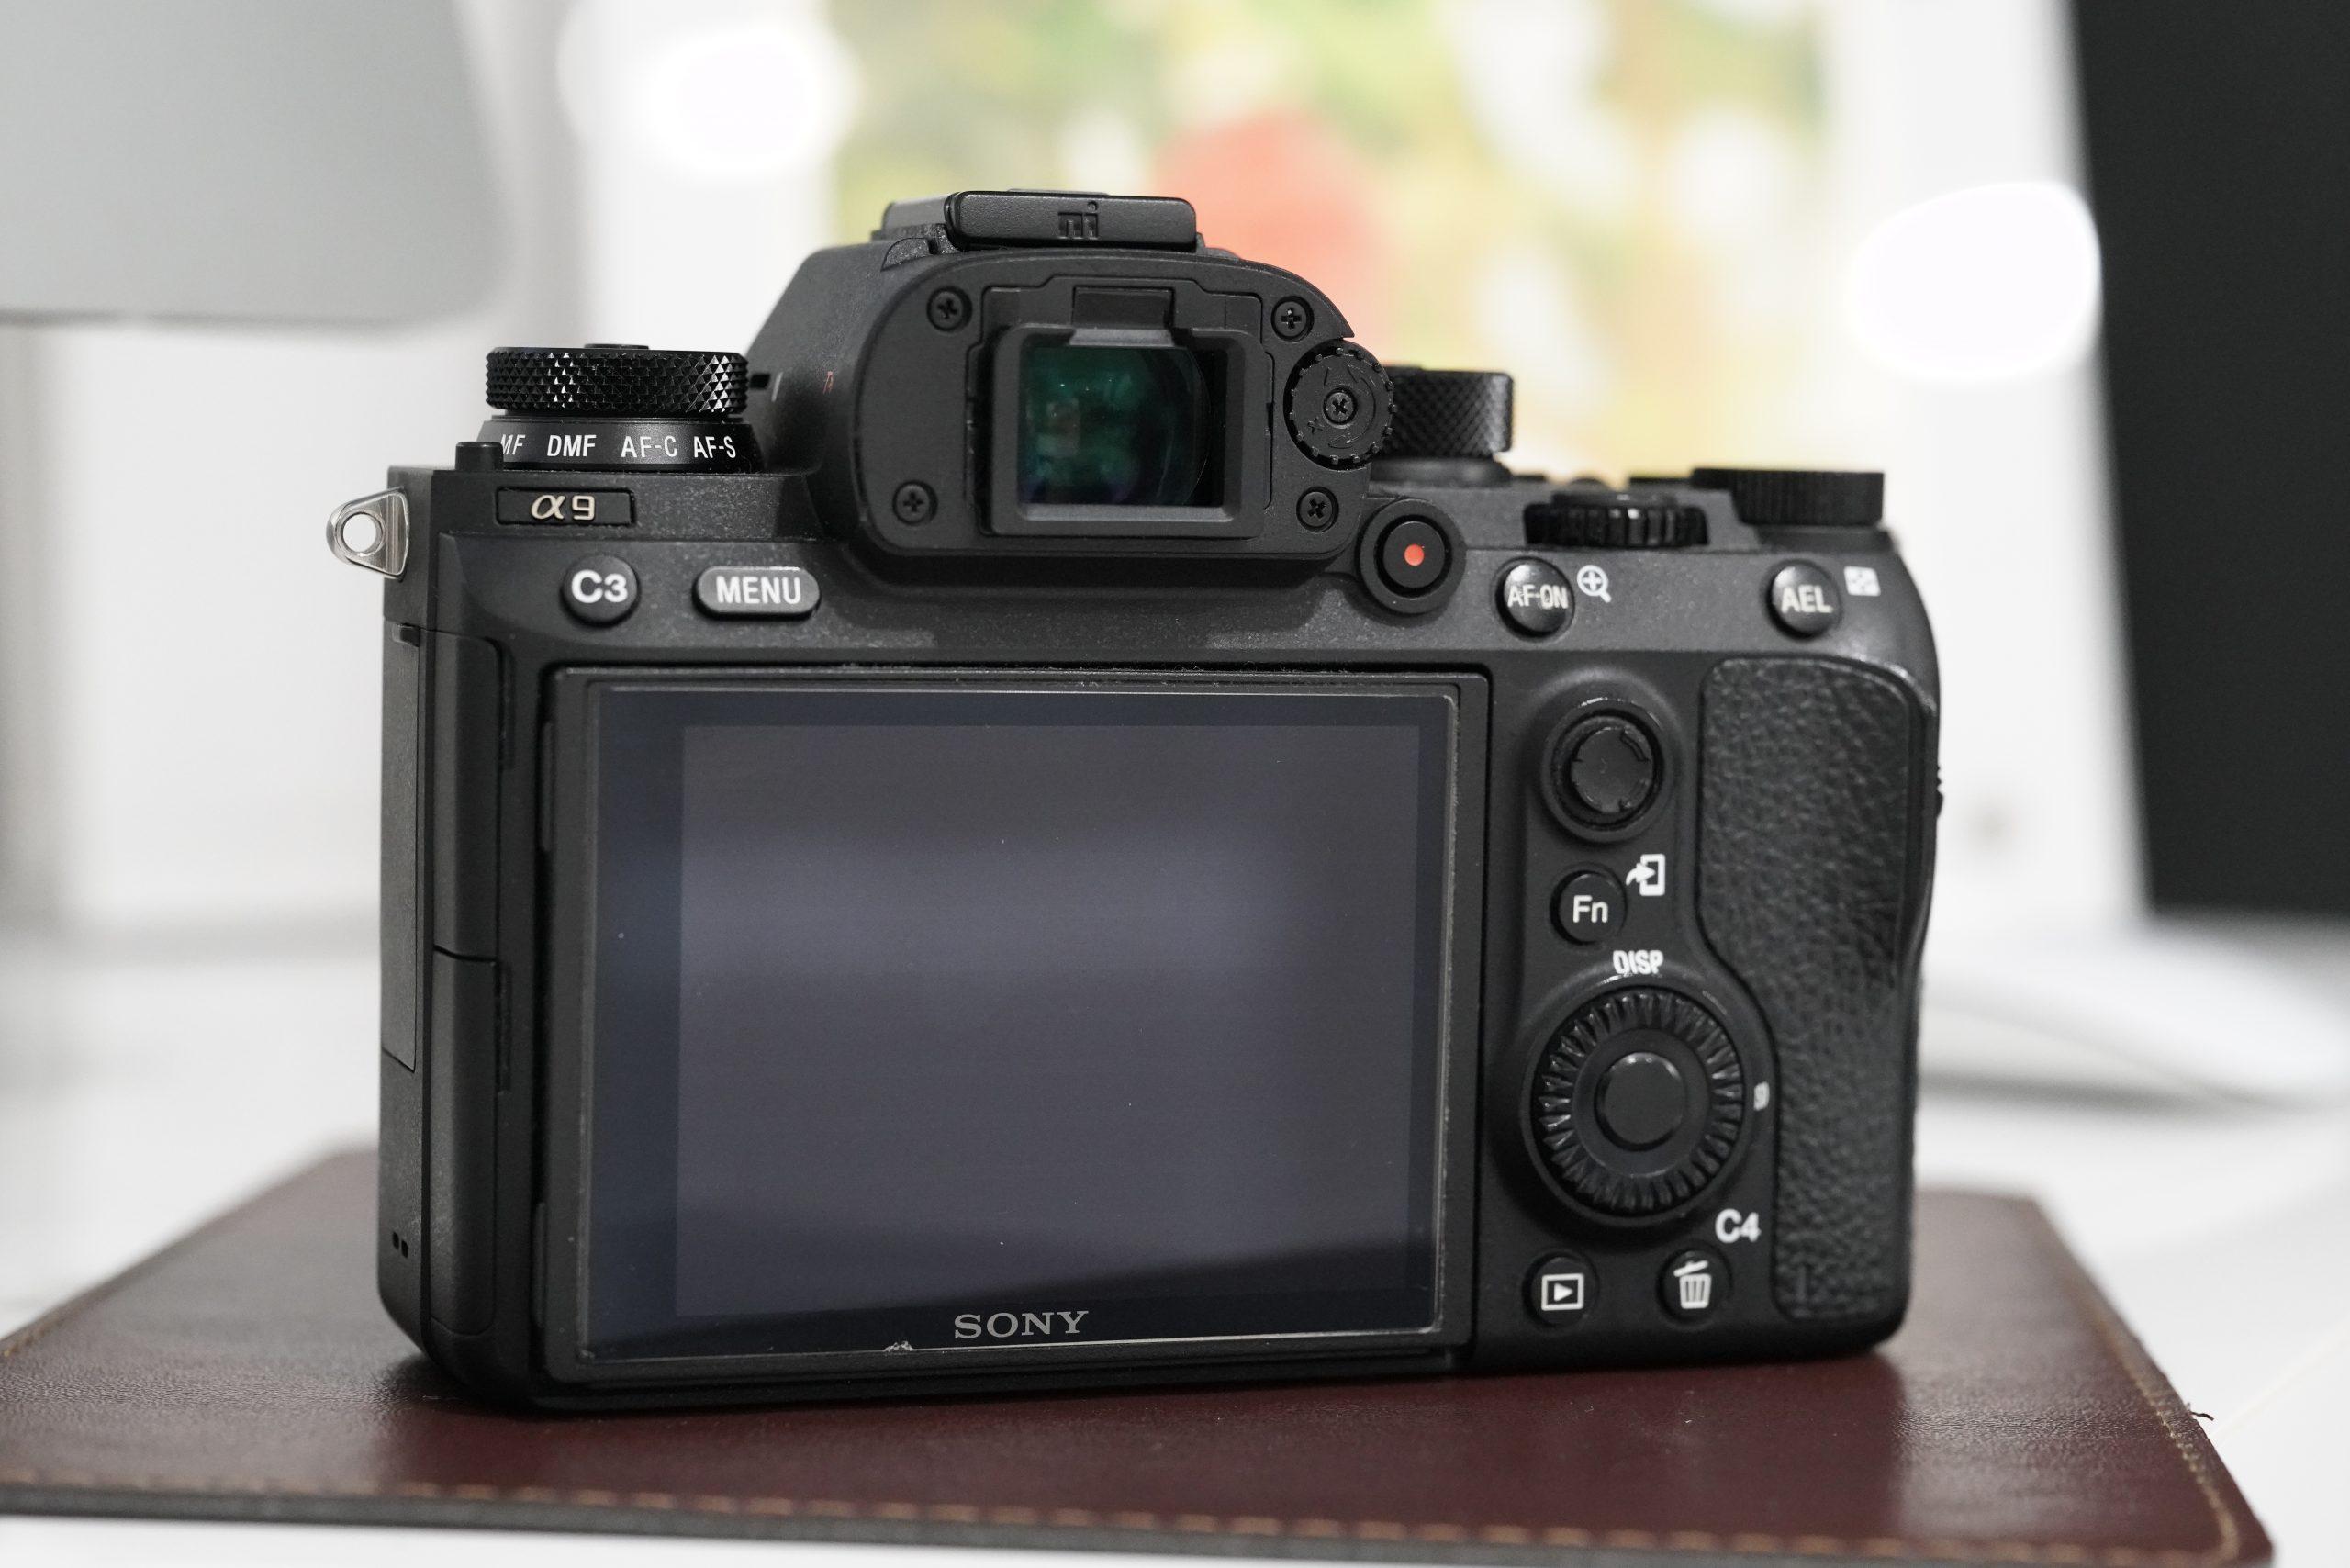 【SONY】Camera Technique Vol.23 モニターが表示されなくなった時に(FINDER/MONITOR切換)